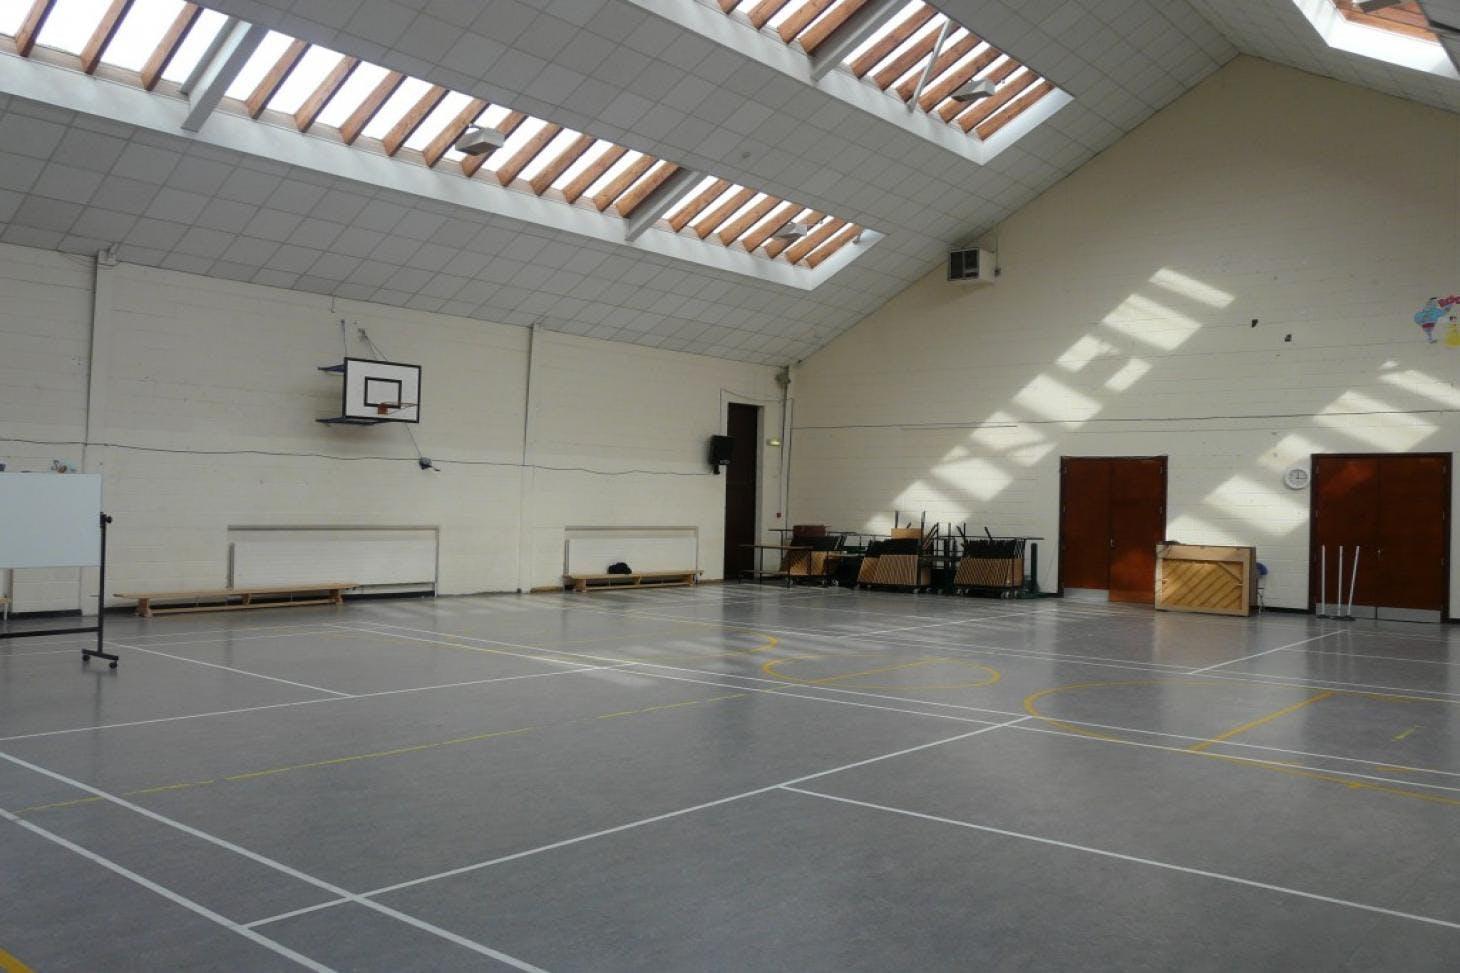 St. Raphaela's Secondary School Indoor | Hard badminton court